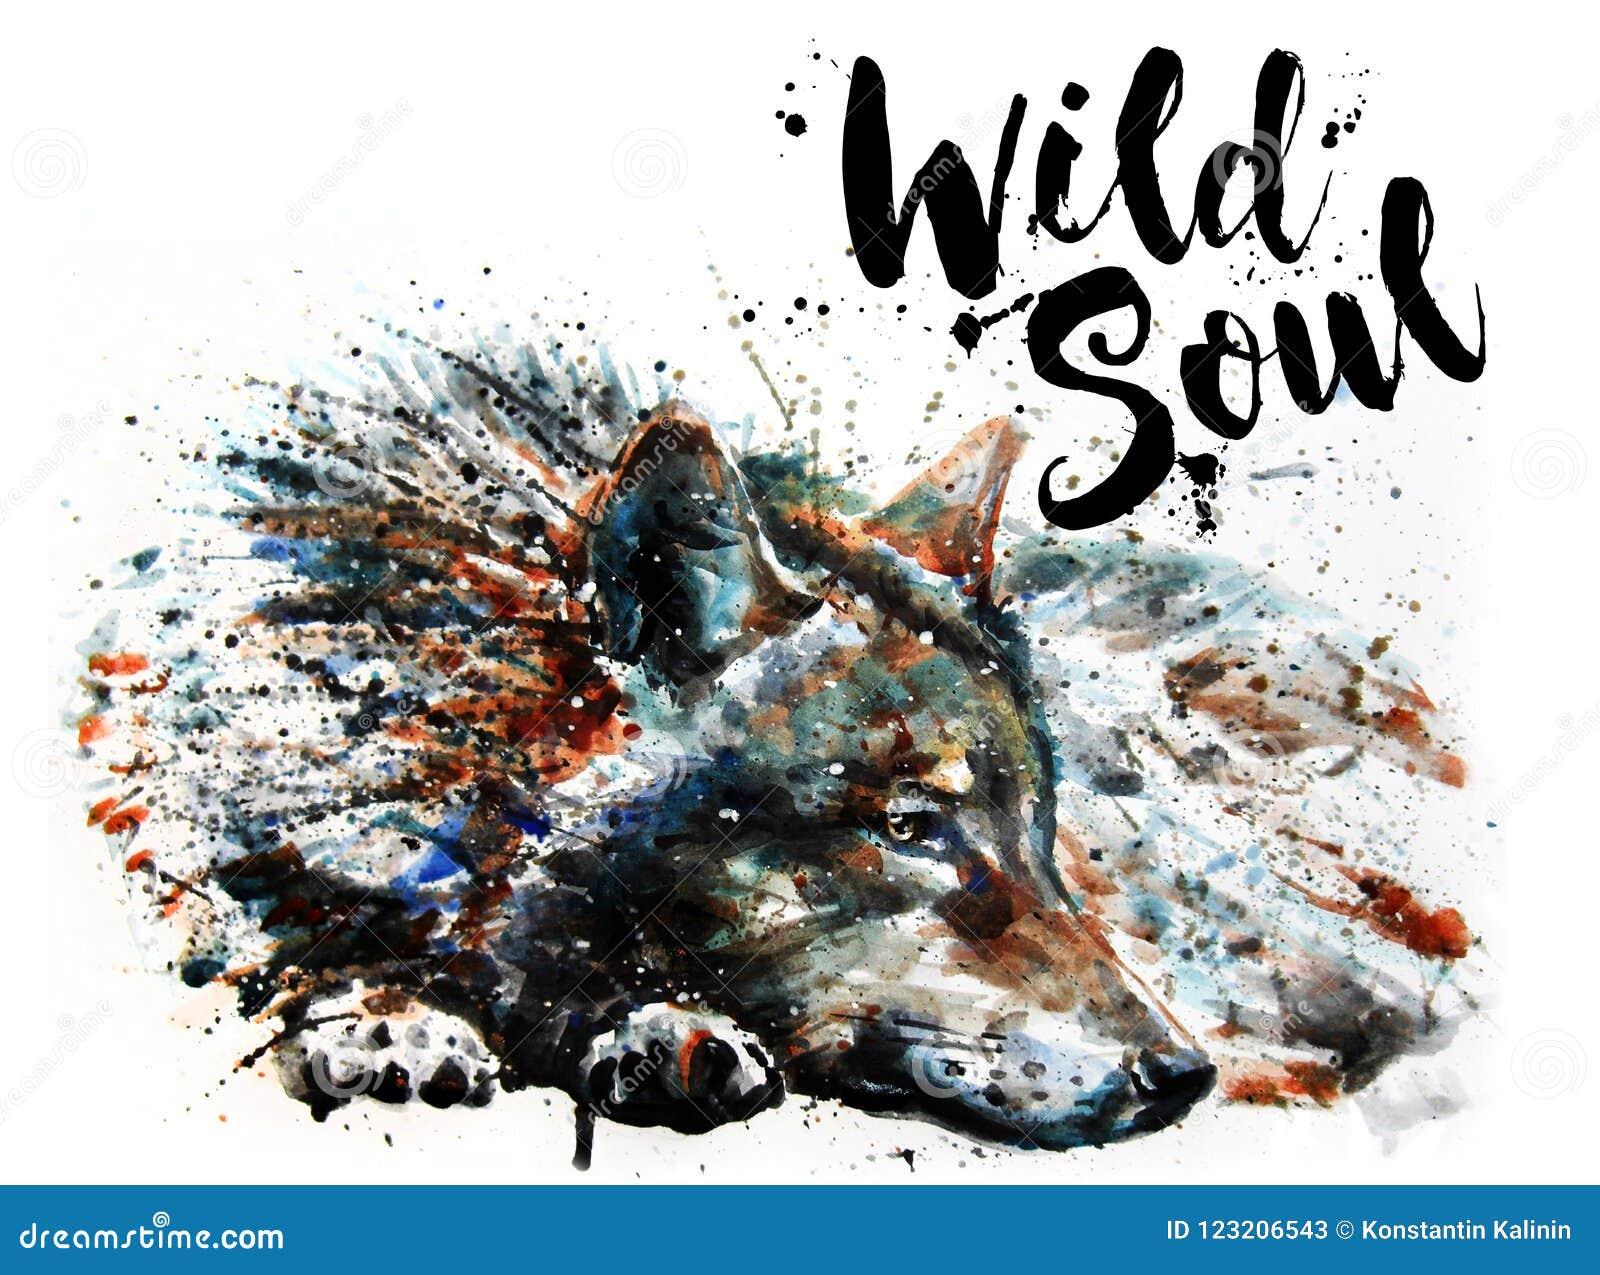 Wilczych akwarela obrazu drapieżnika zwierząt Dzika dusza